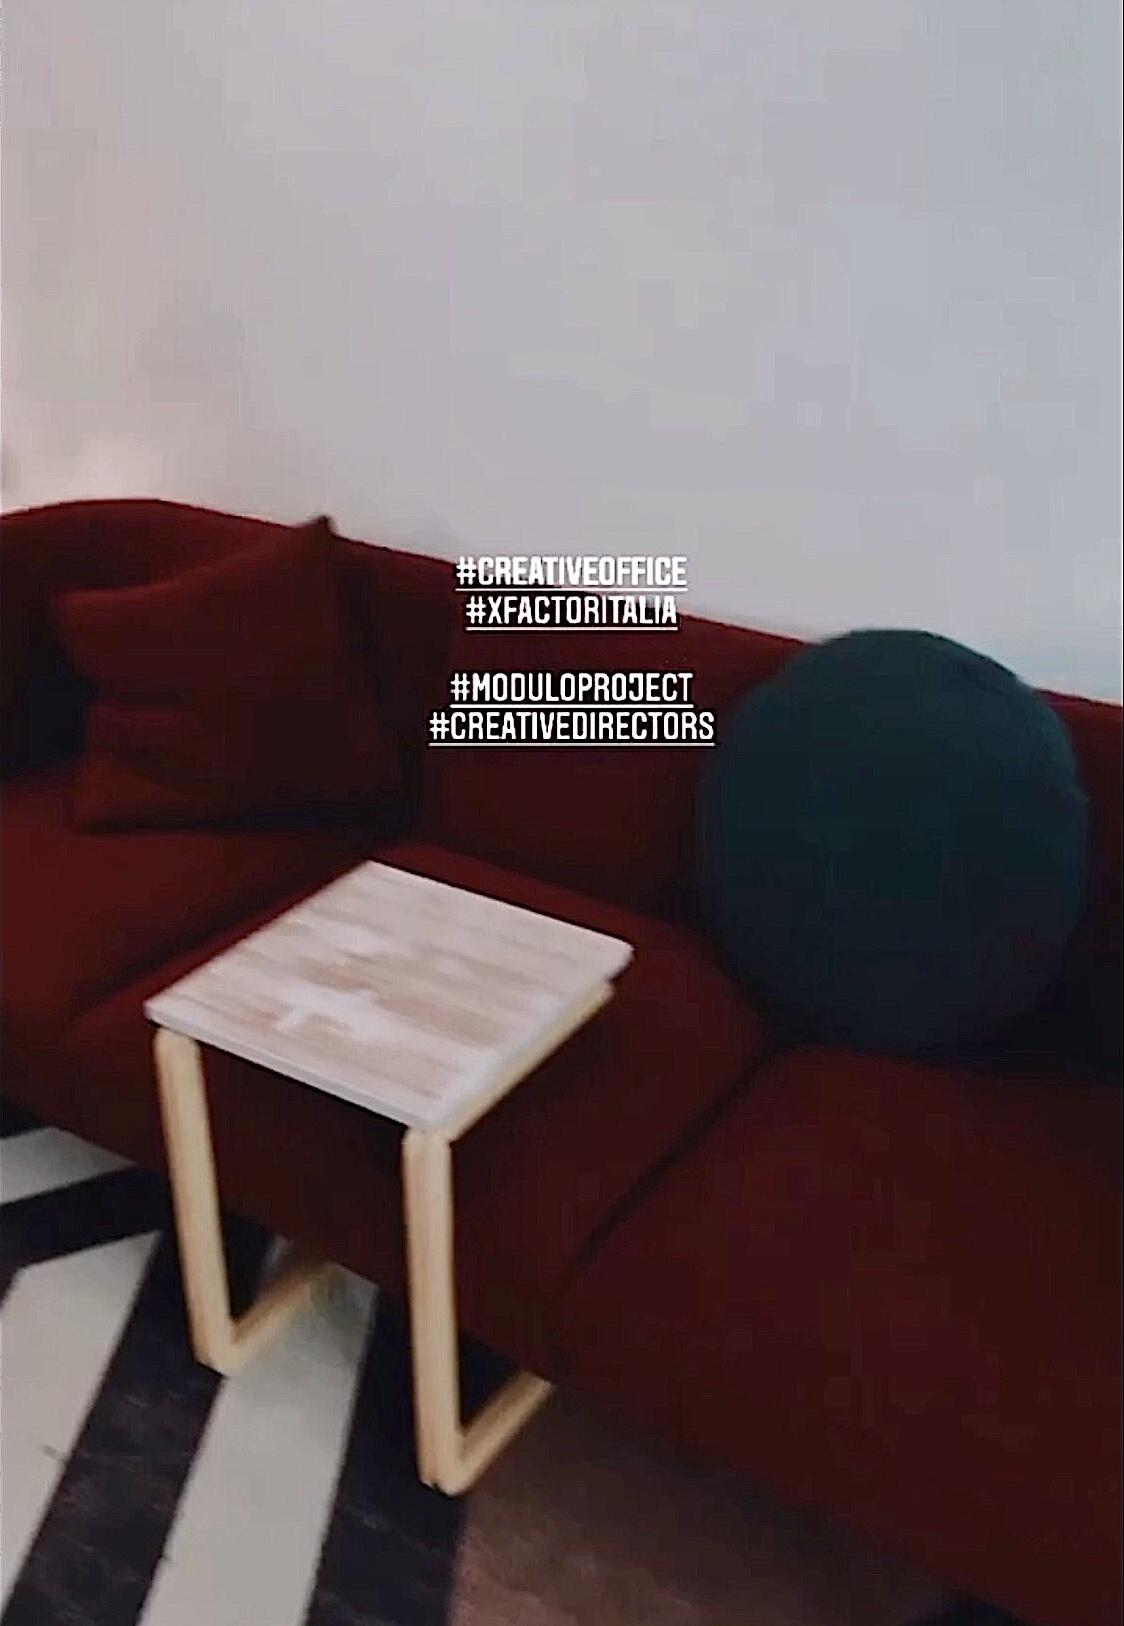 tavolo di design per lo studio creativo di xfactor2020